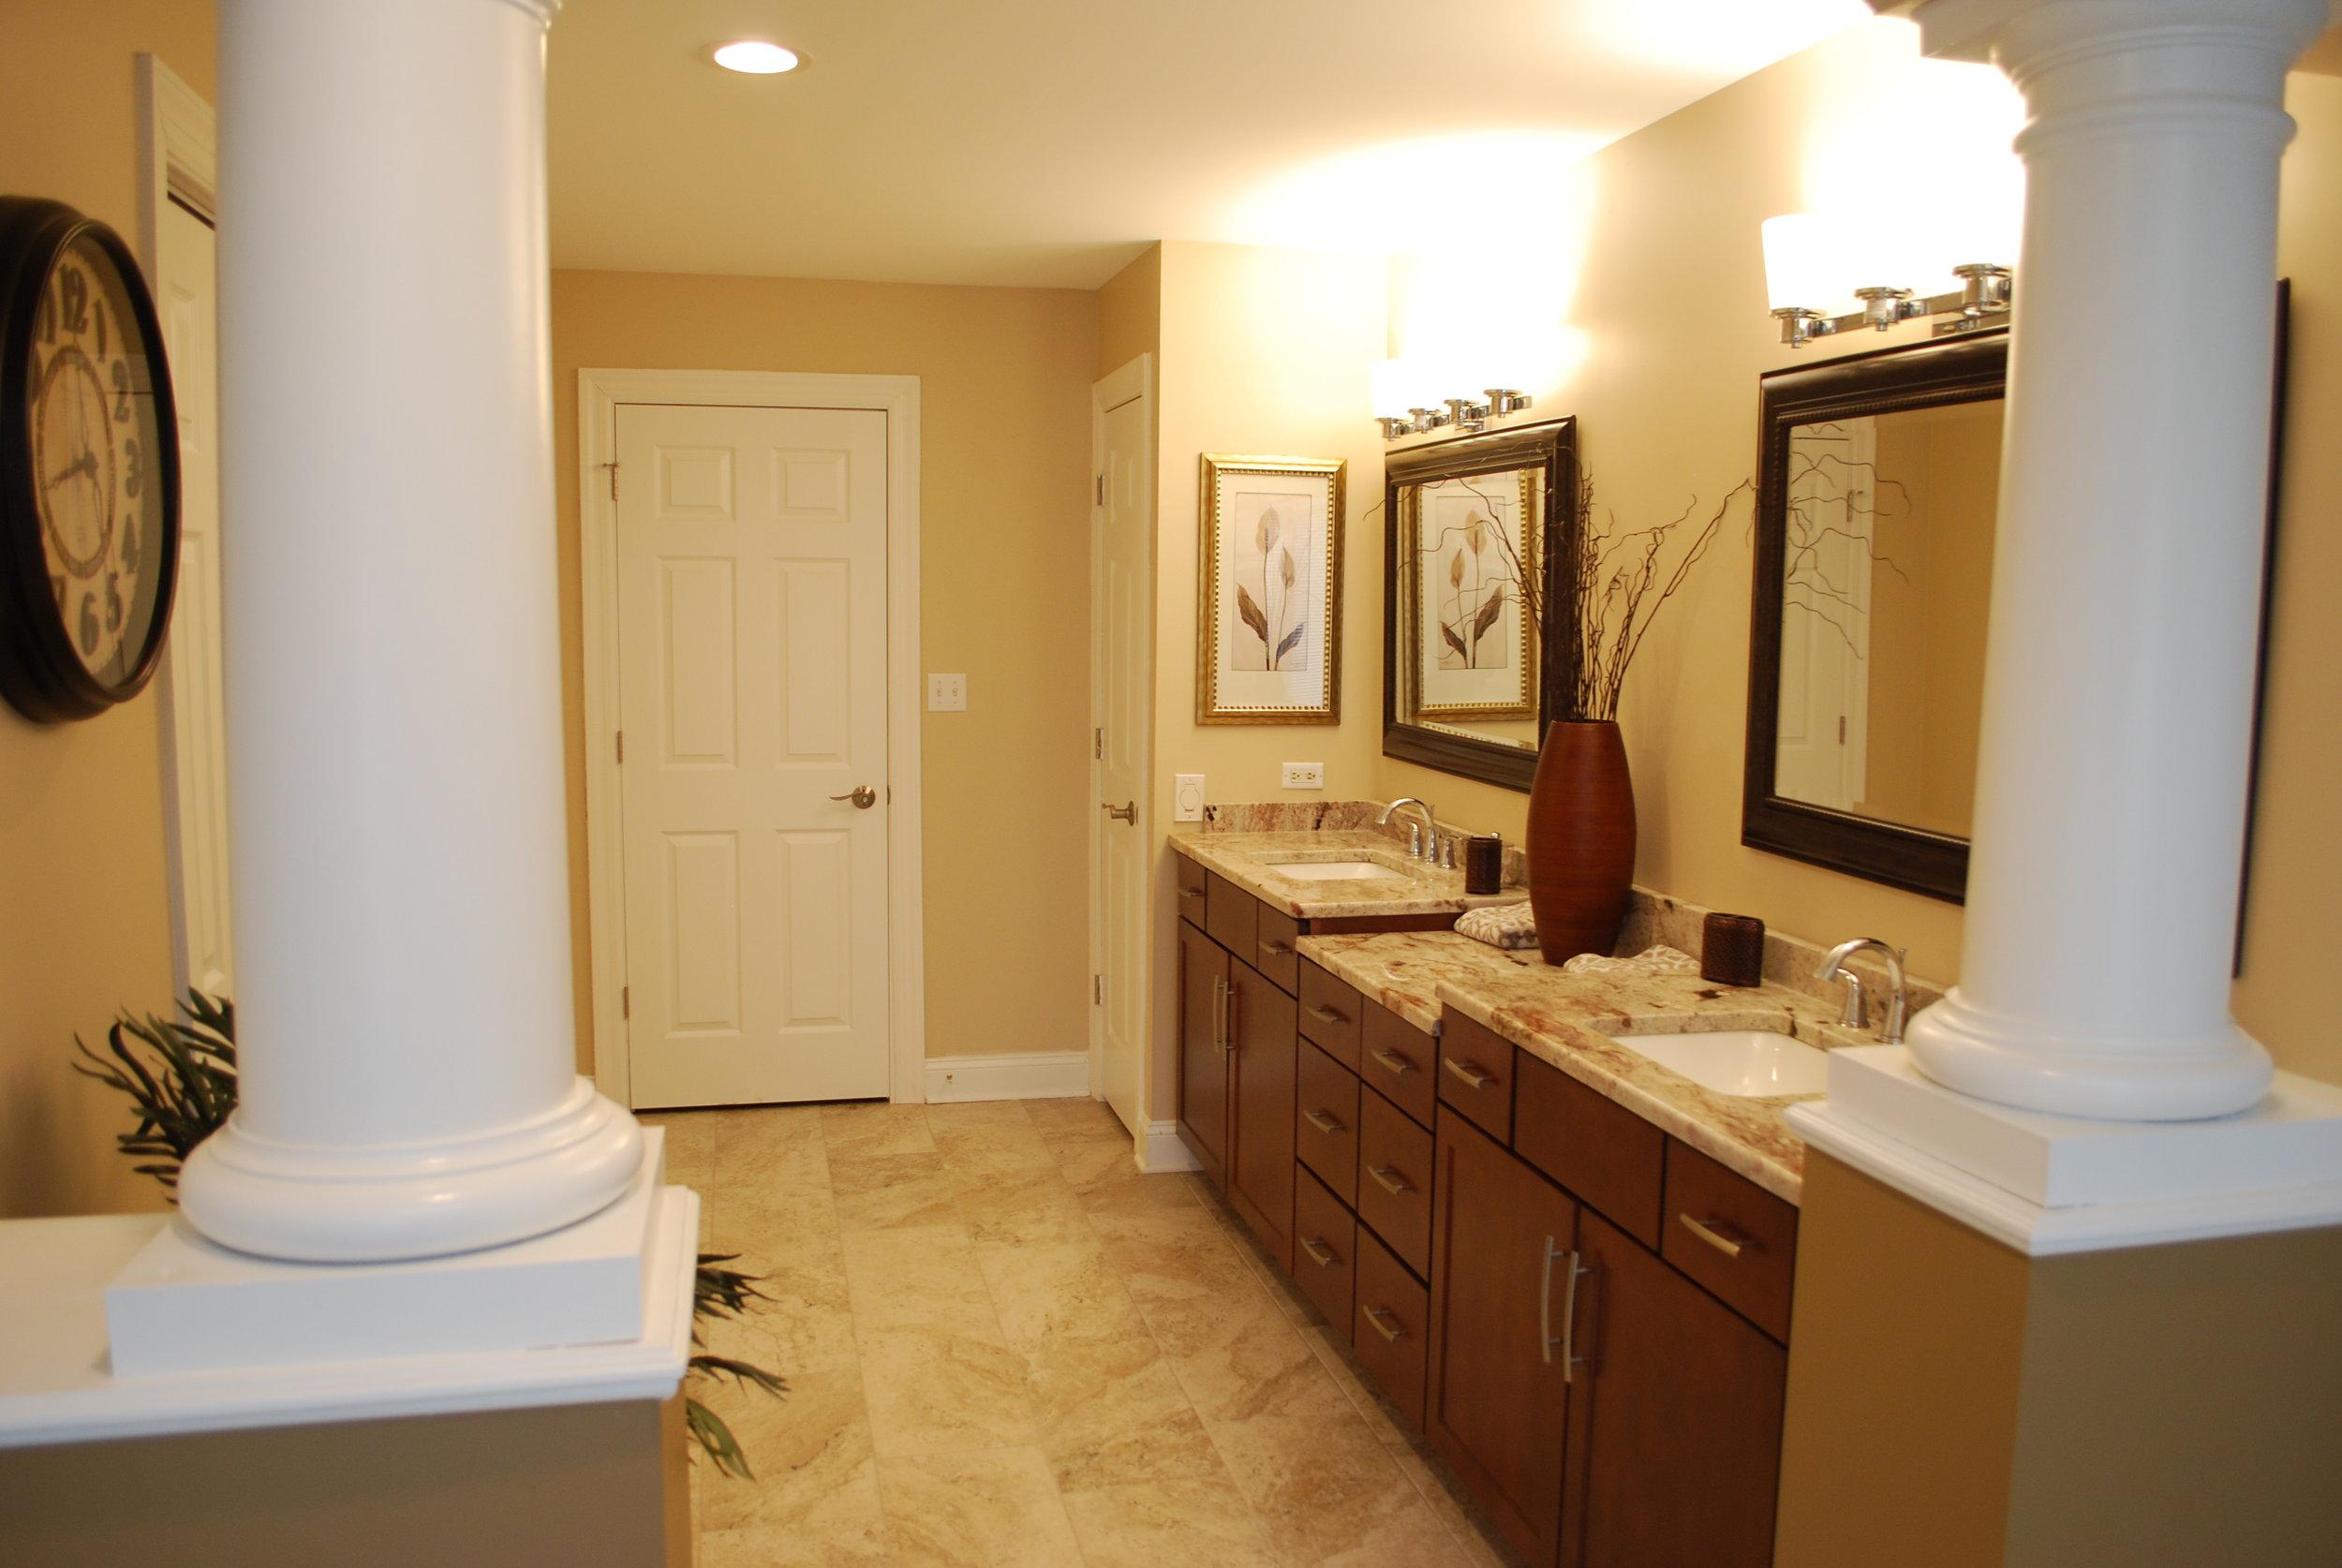 Pillars in Bathroom to Separate Vanity Sinks and Shower